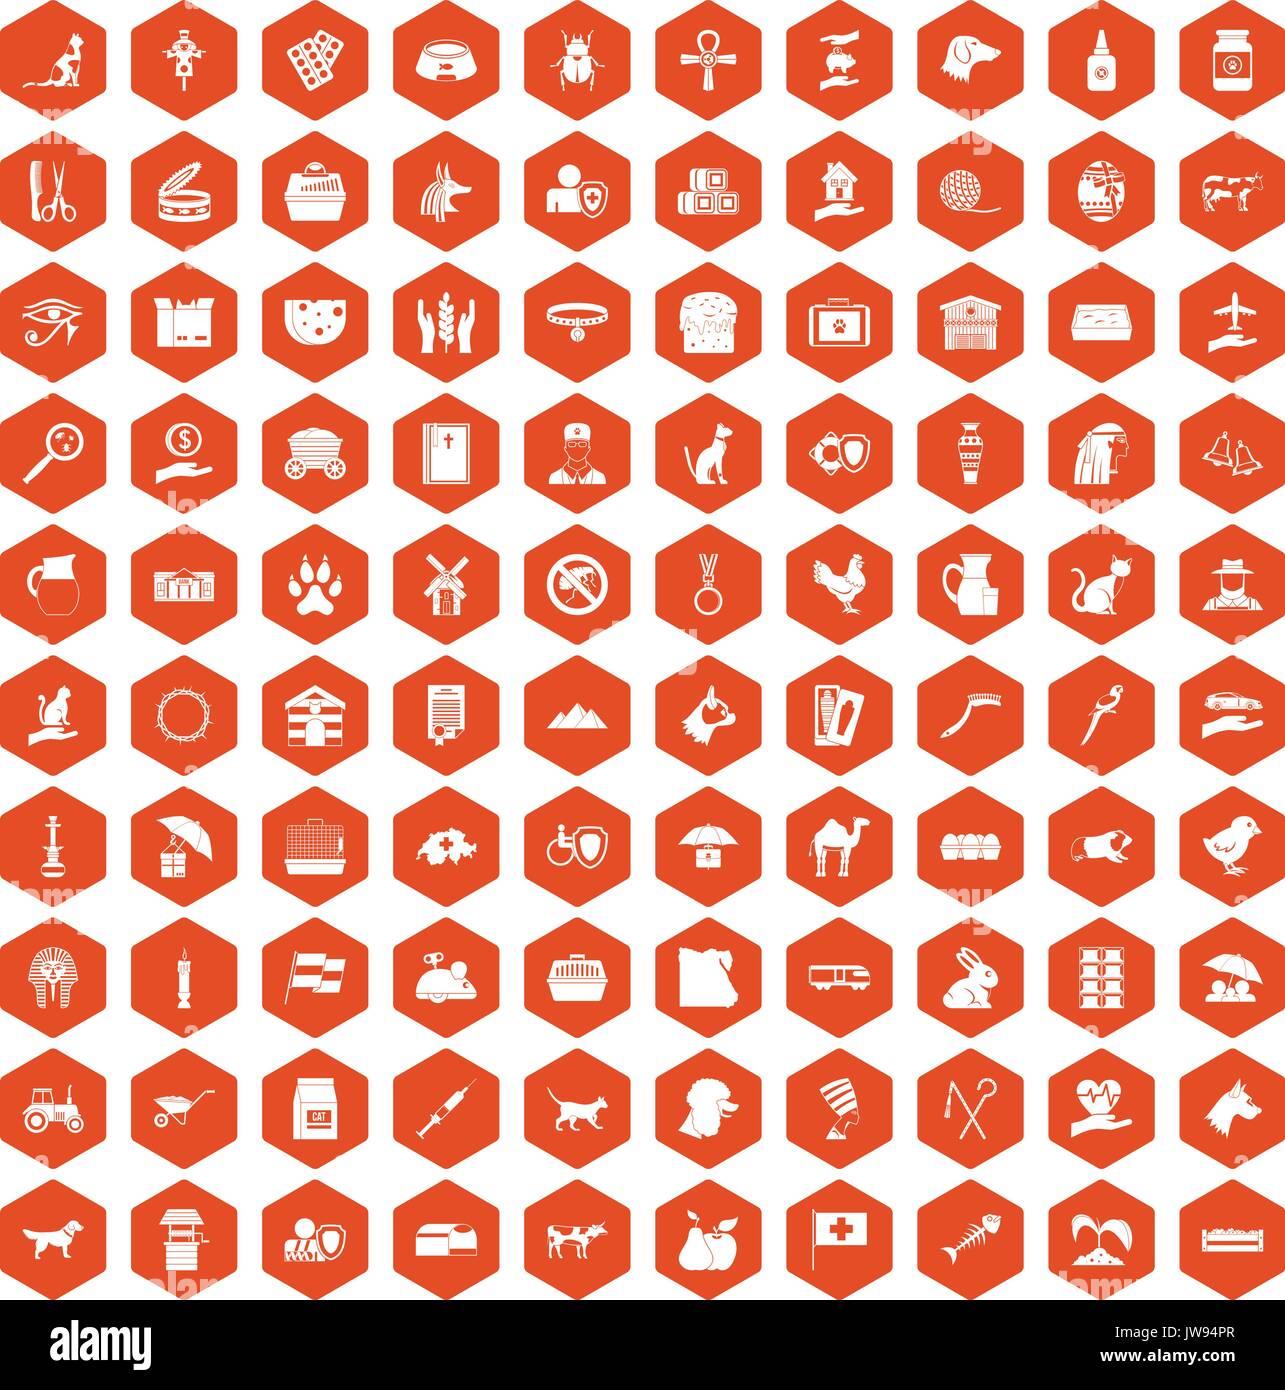 100 pets icons hexagon orange - Stock Image